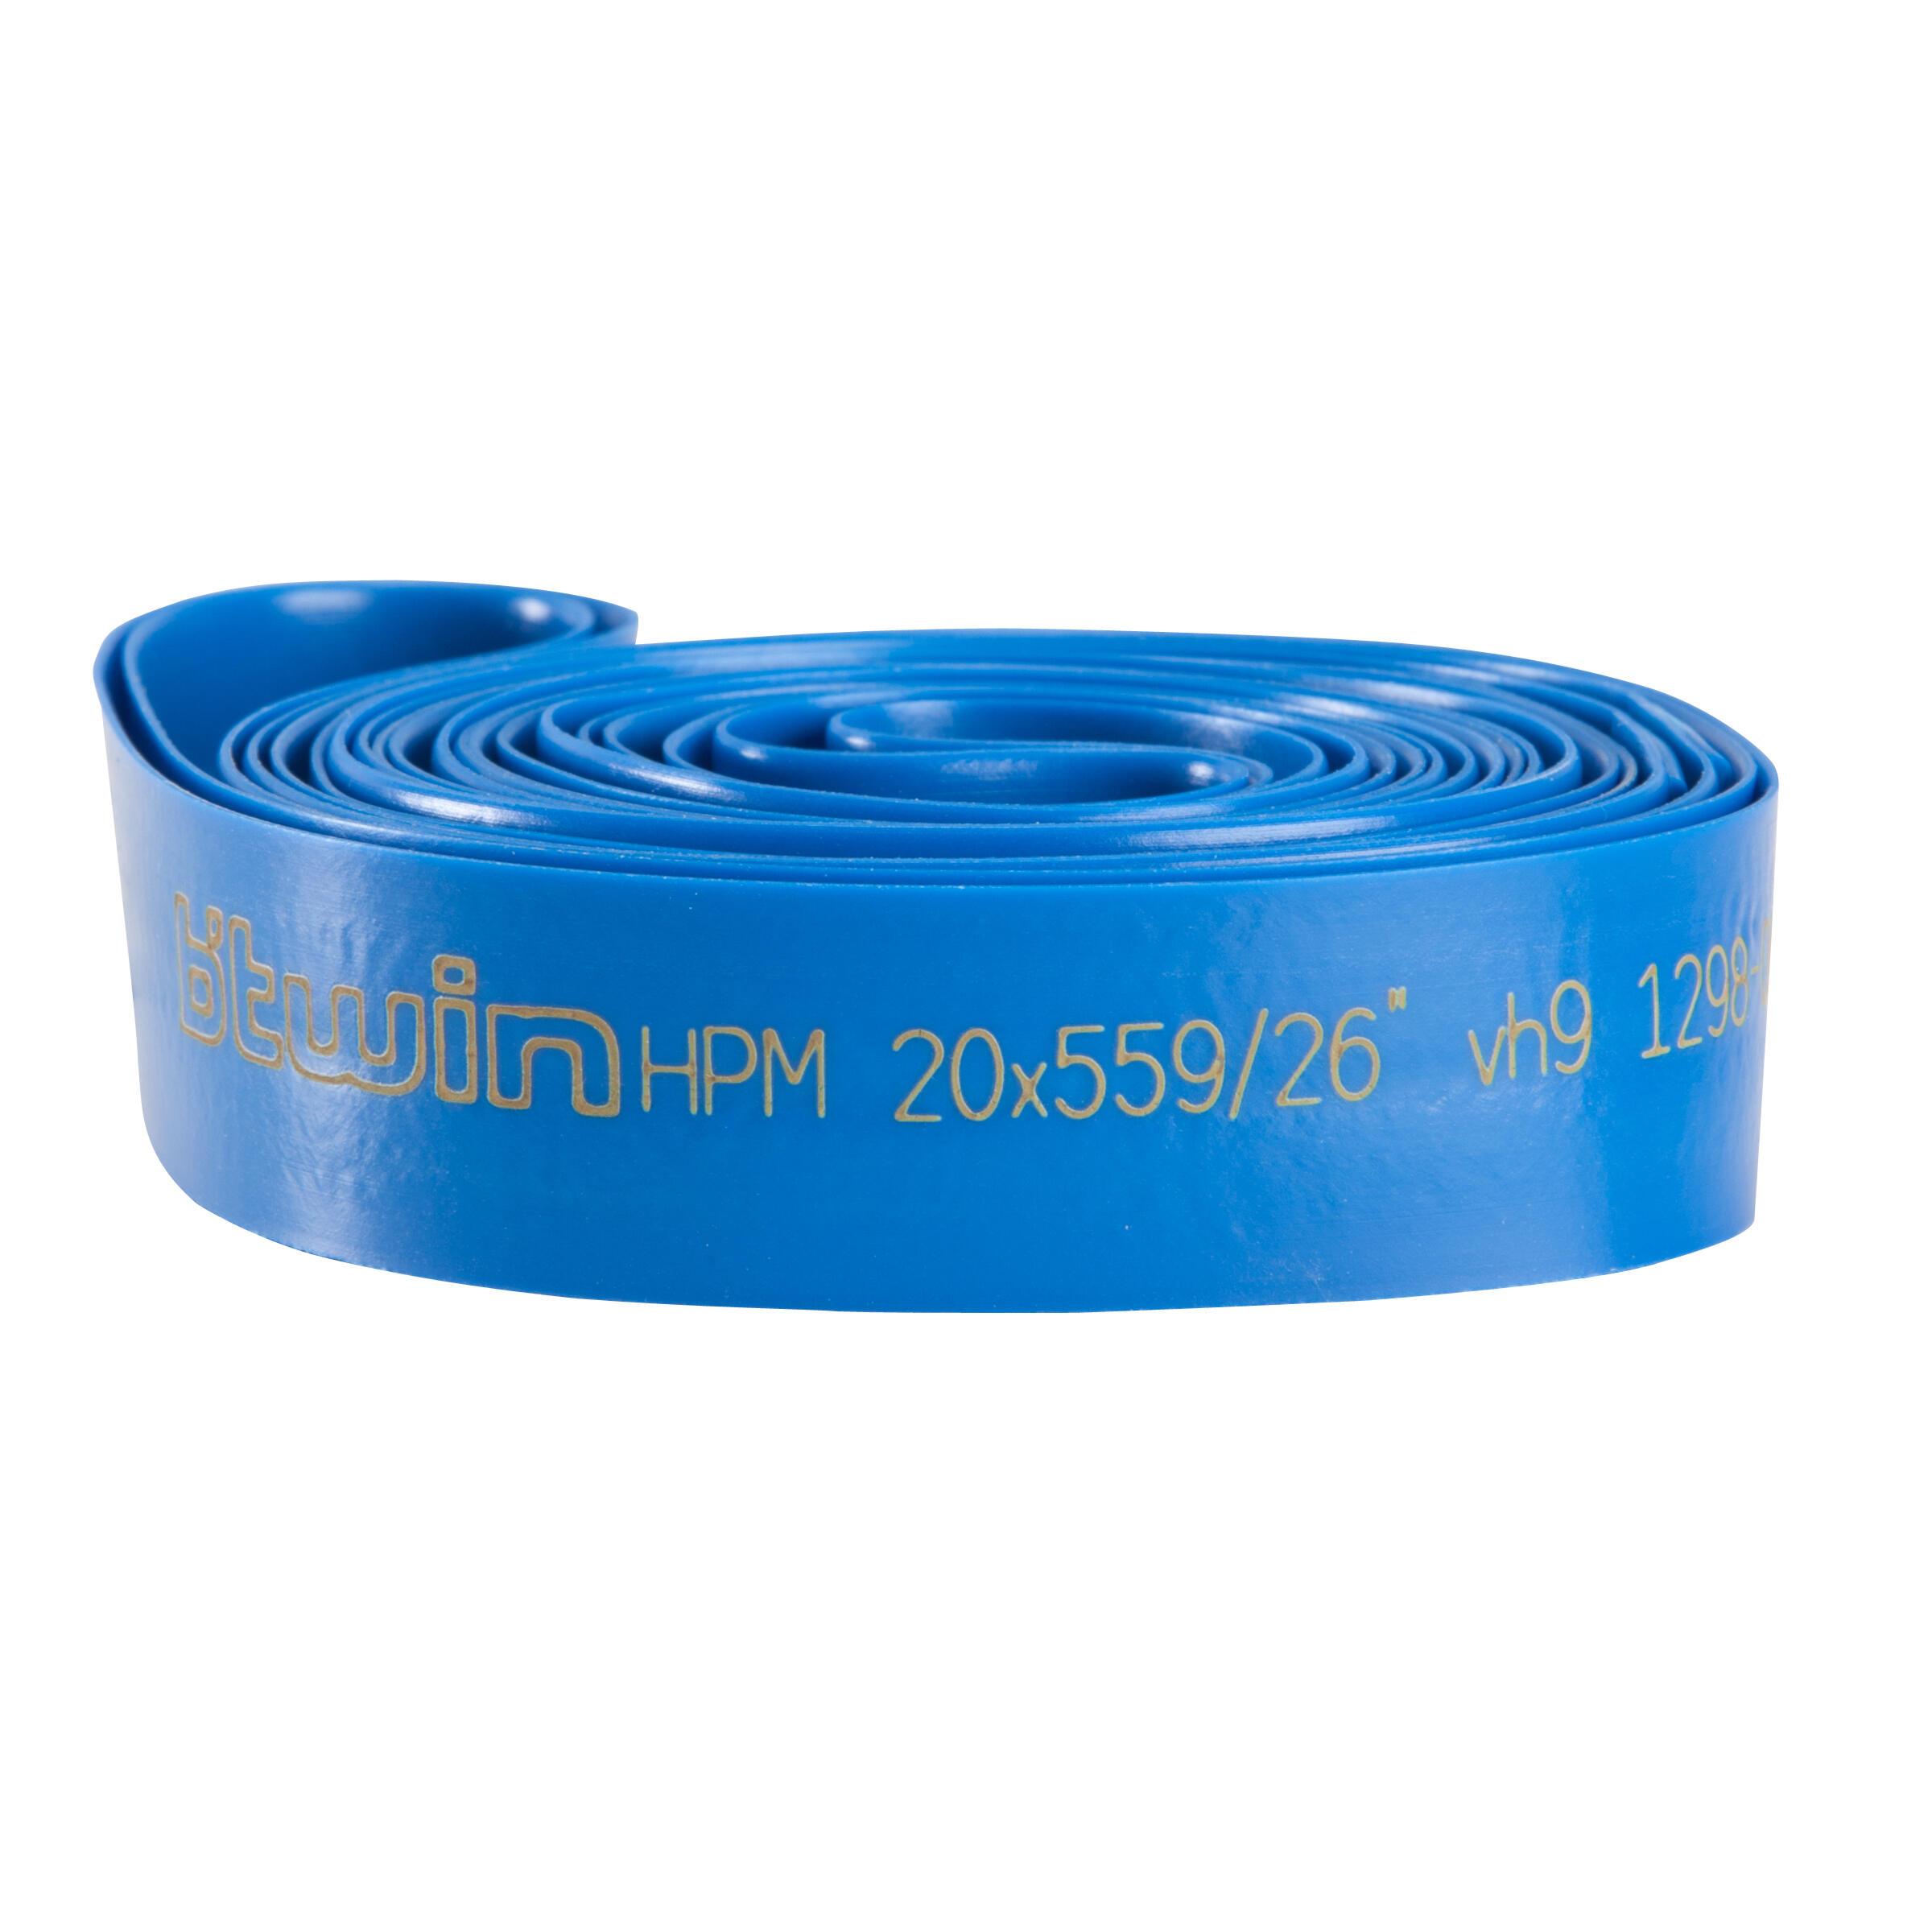 26_QUOTE_/27.5_QUOTE_ / ETRTO 20-559 to 20-584 Rim Tape